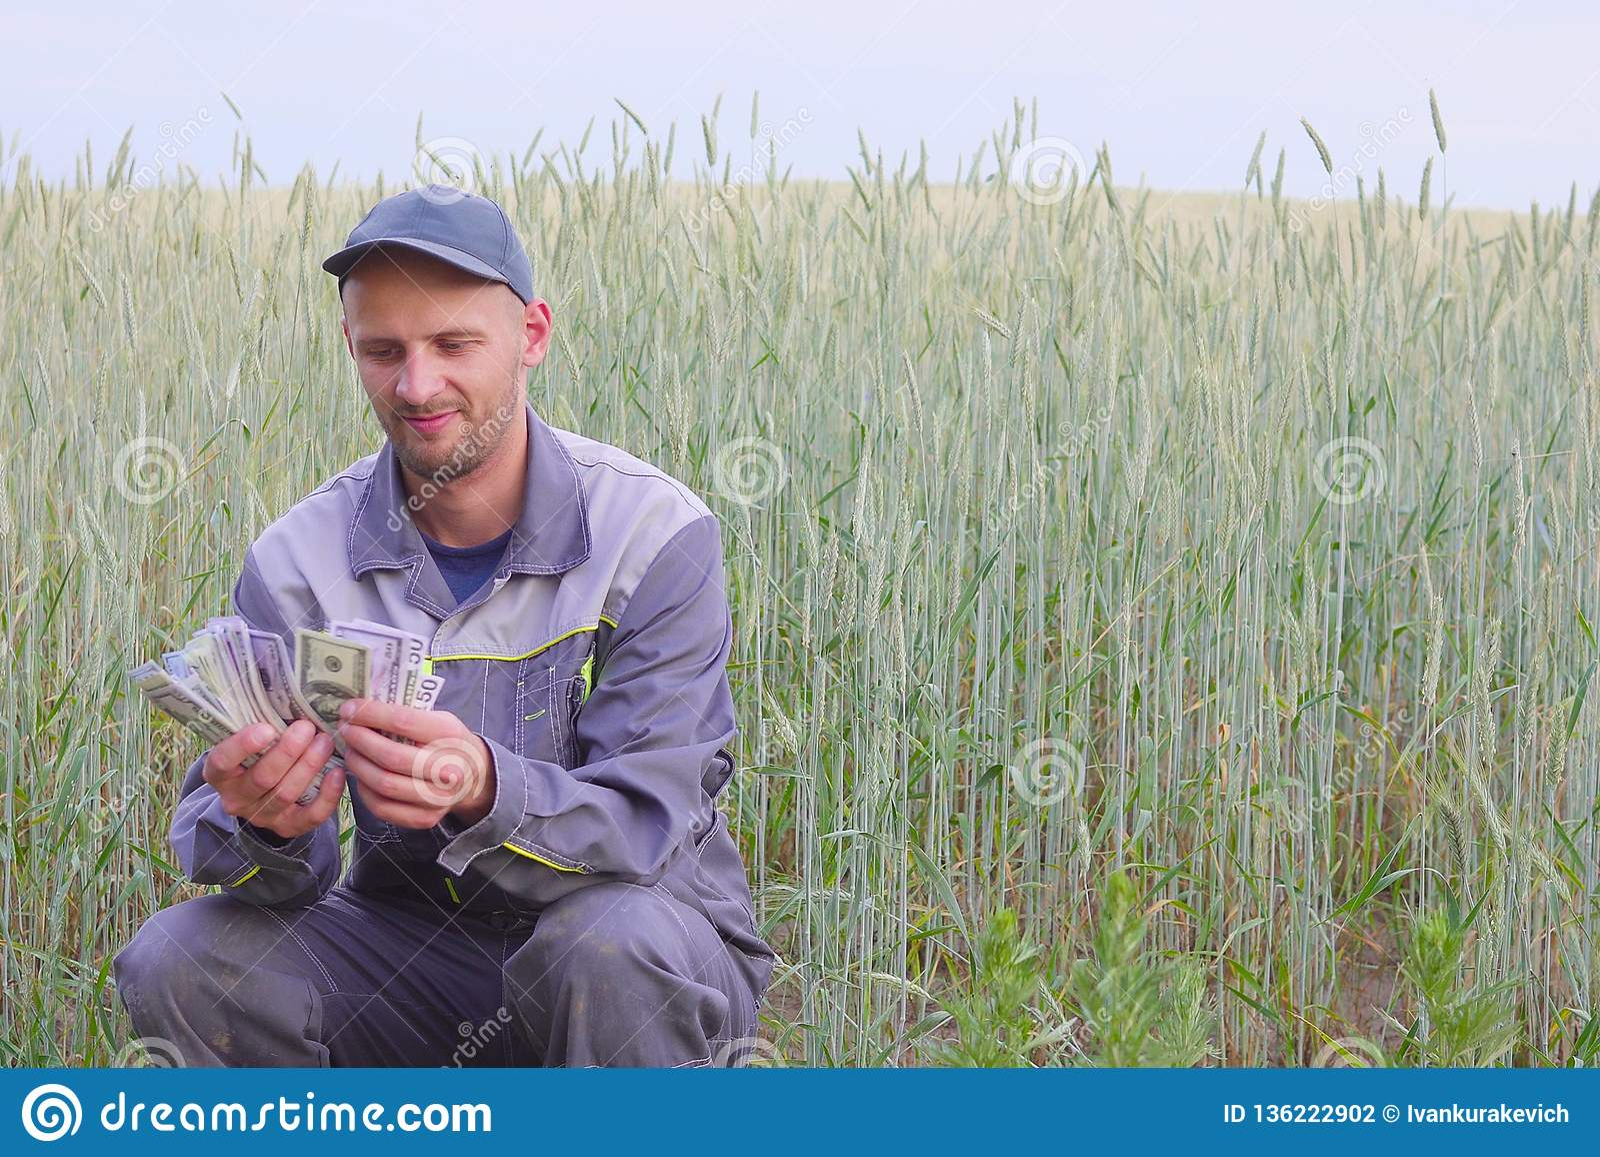 El granjero joven tiene mucho dinero El concepto de éxito del negocio en agricultura